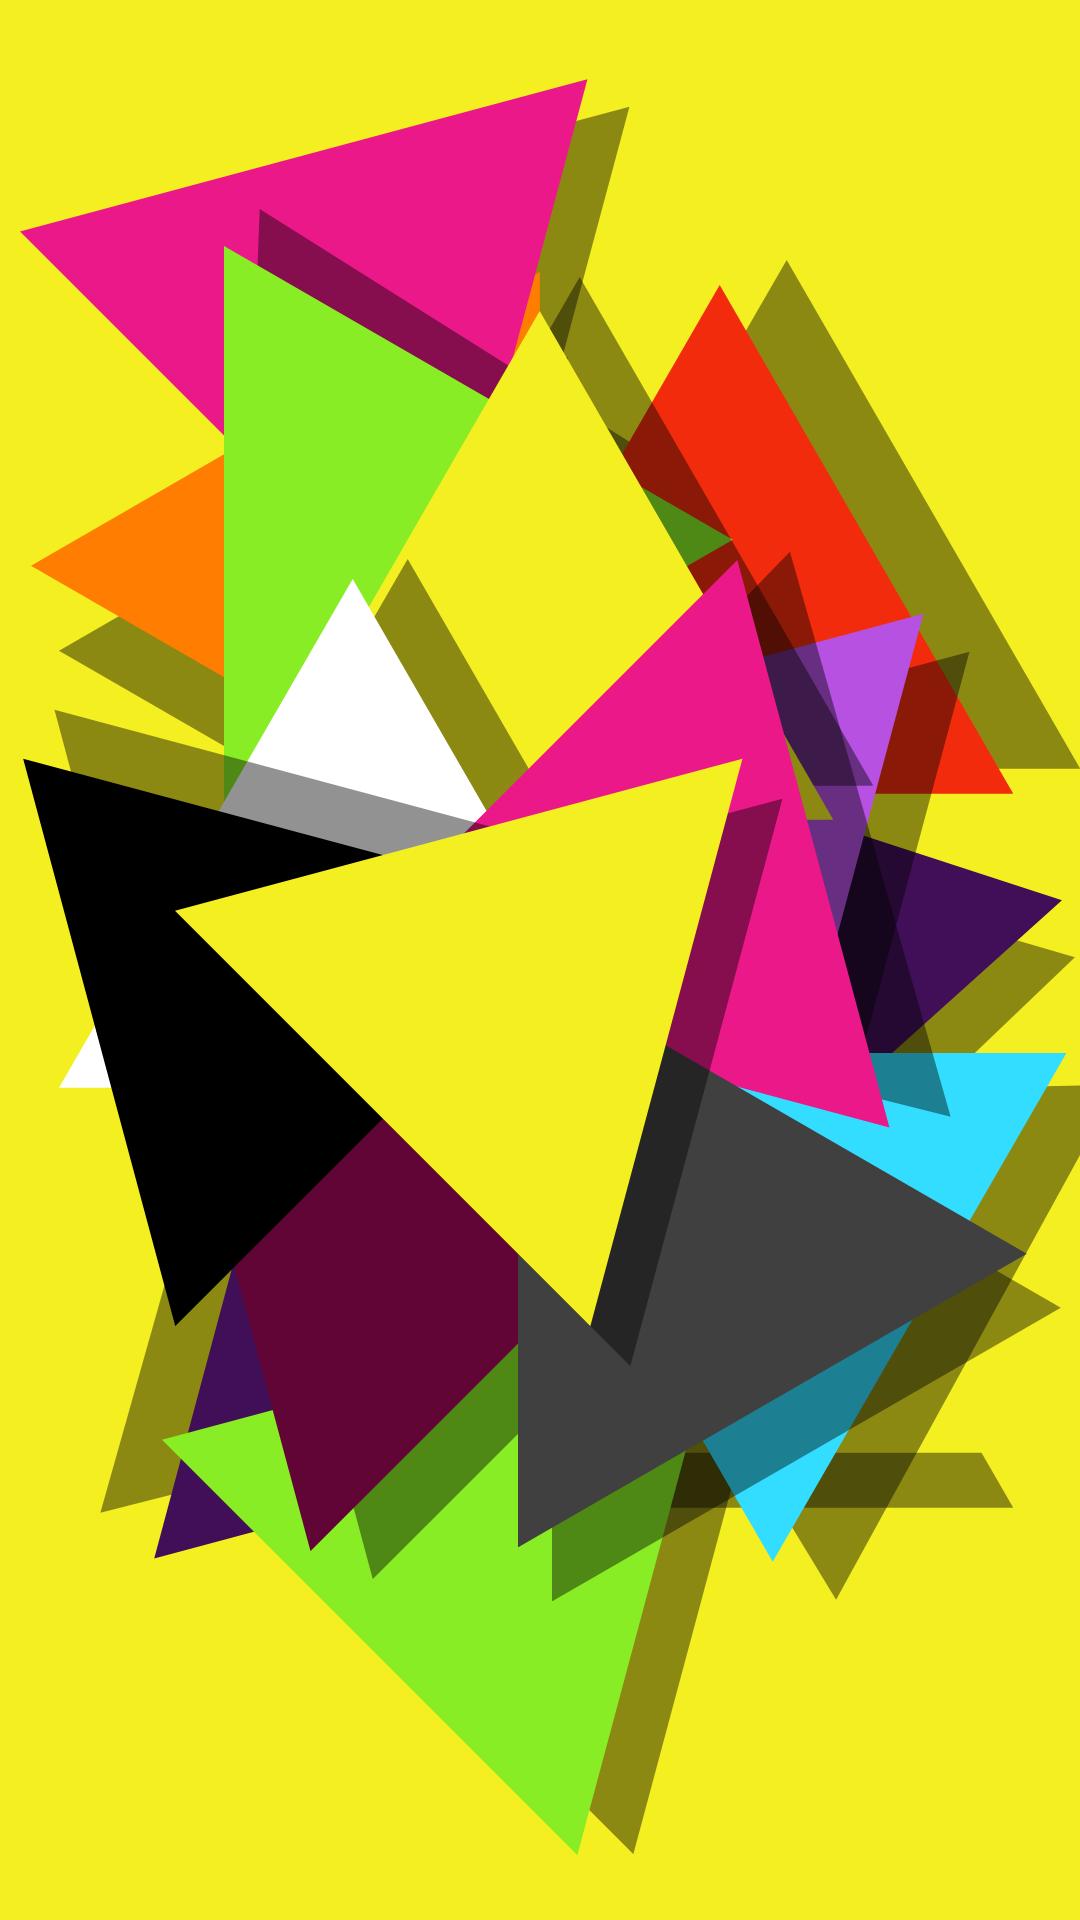 Art ID: 124180